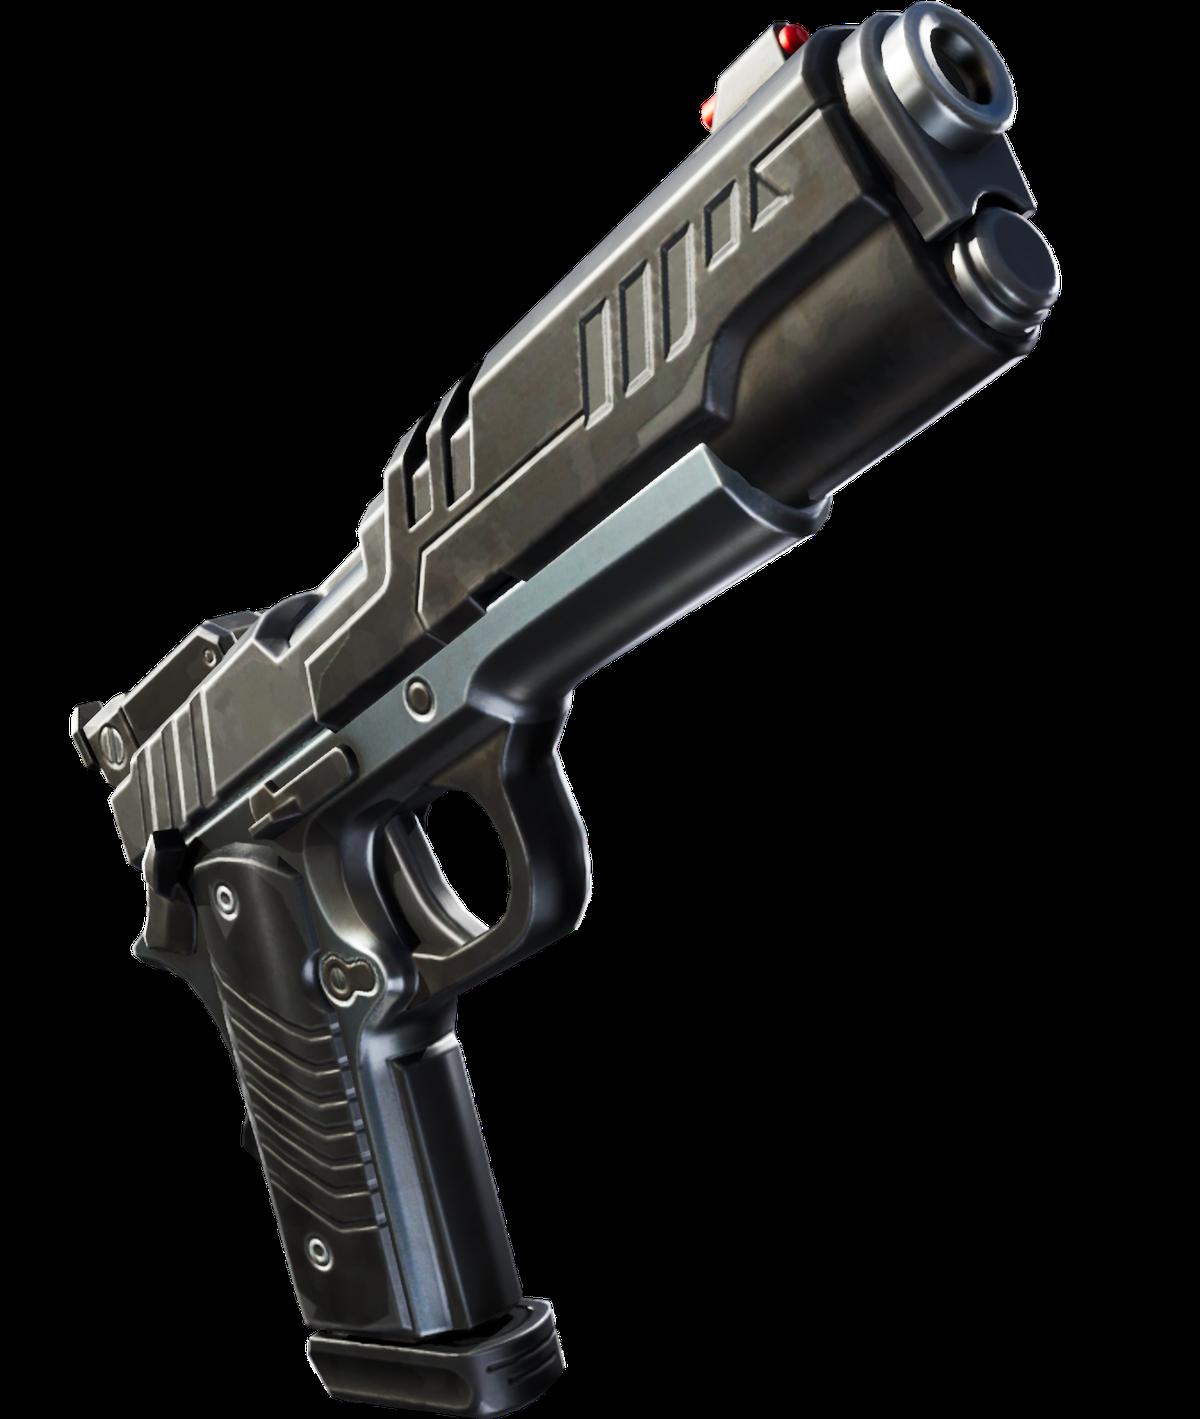 Fortnite Chapter 2 Pistol Epic